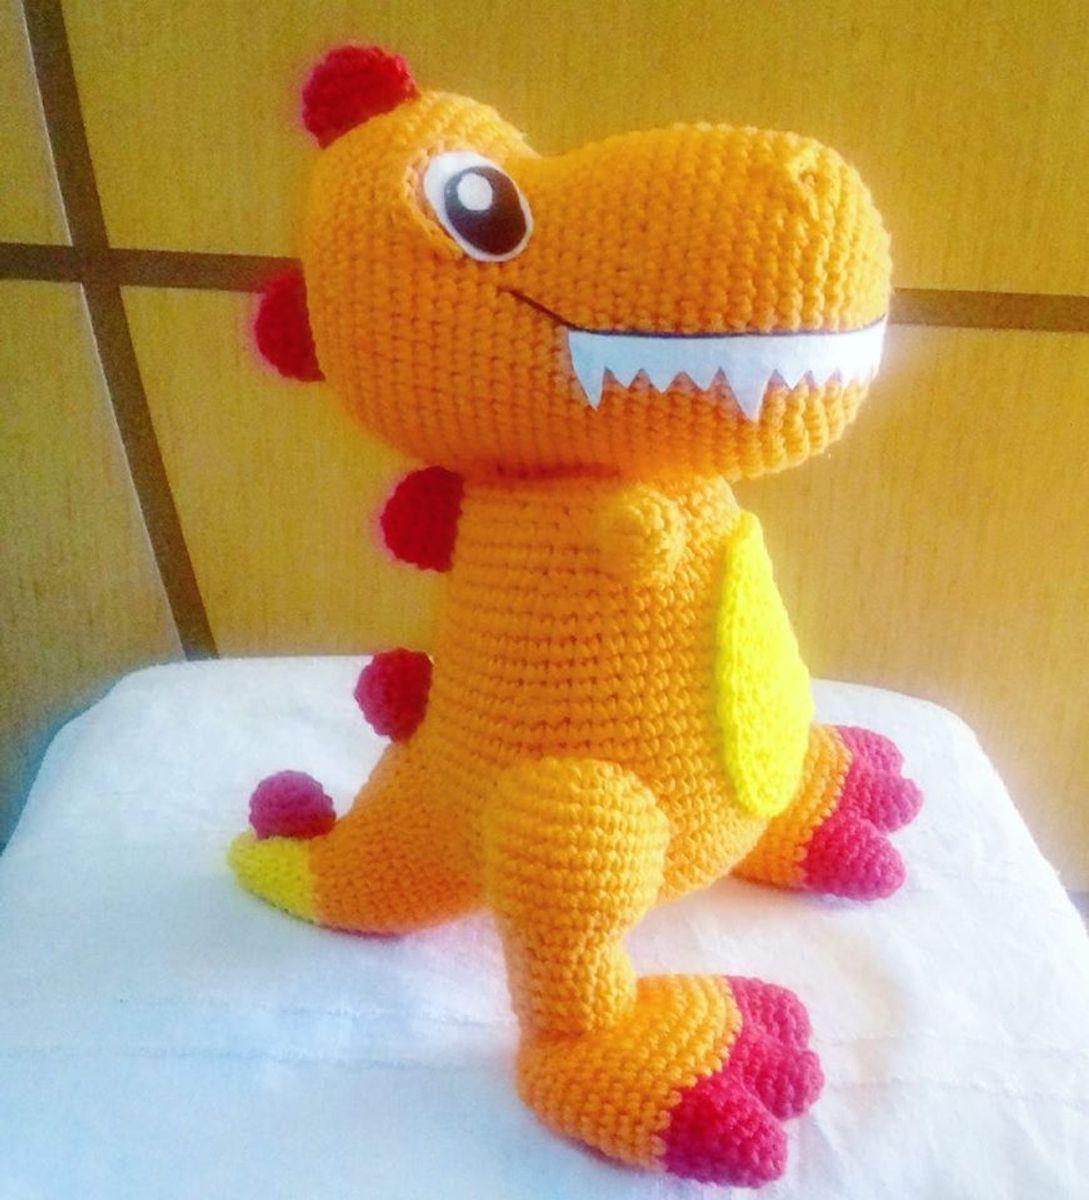 Dinossauro de Crochê Amigurumi | Brinquedo para Bebês Amigurumi ... | 1200x1089